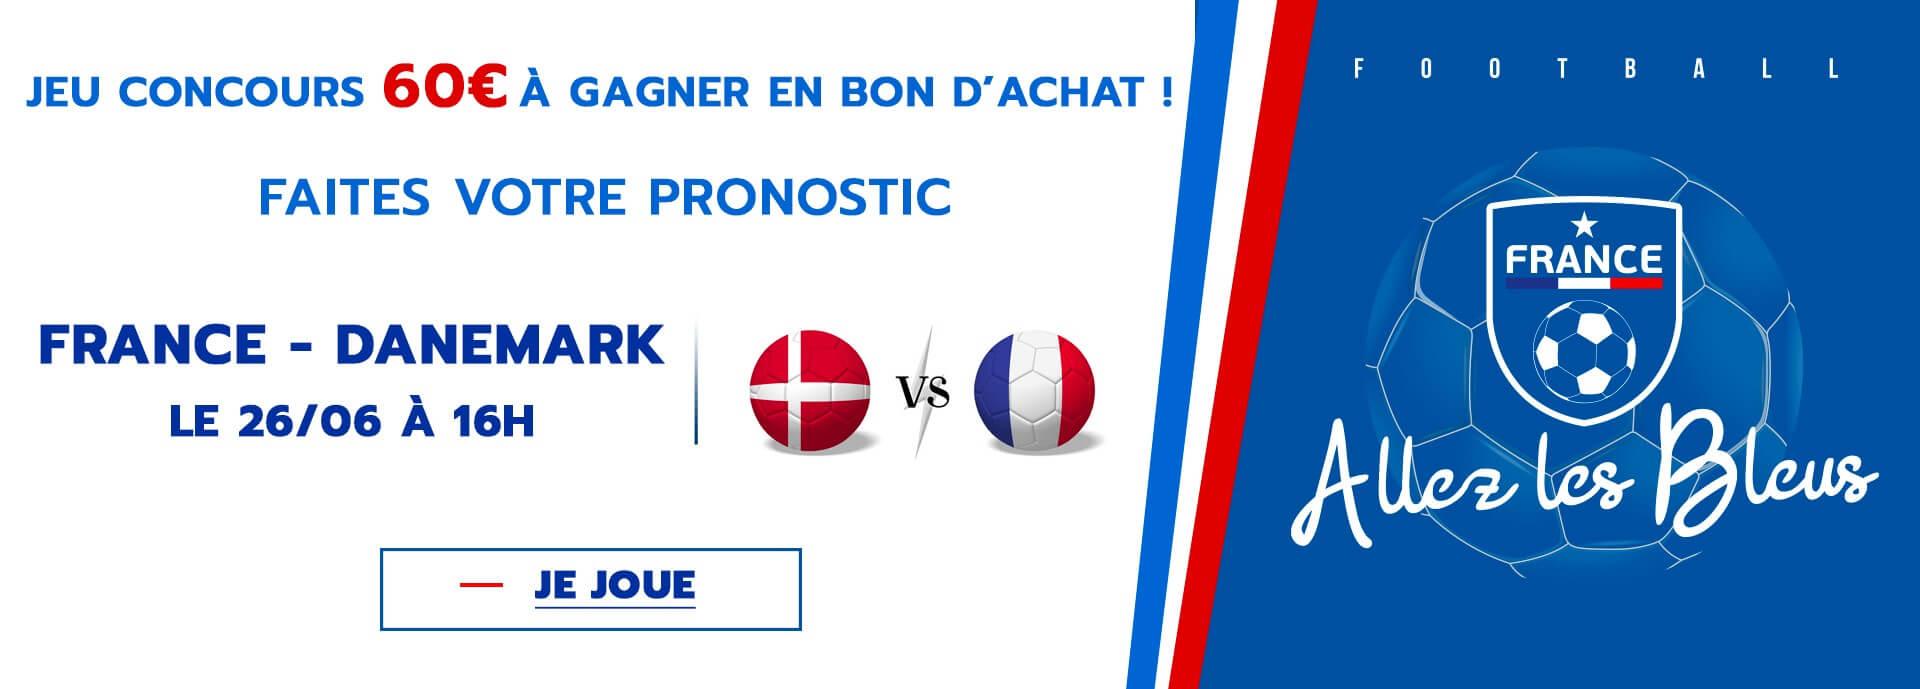 Jeu concours coupe du monde France Danemark